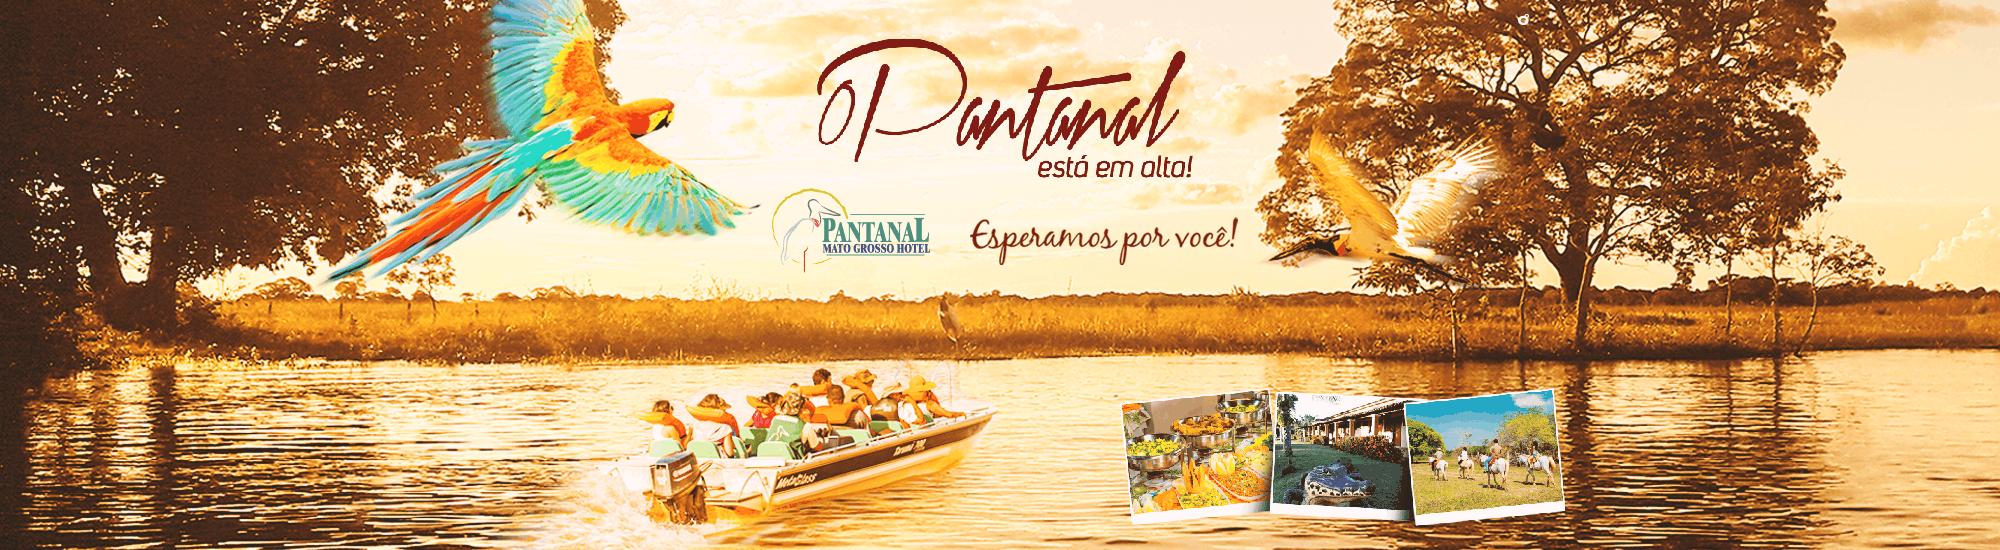 Alta temporada – Pantanal Mato Grosso Hotel